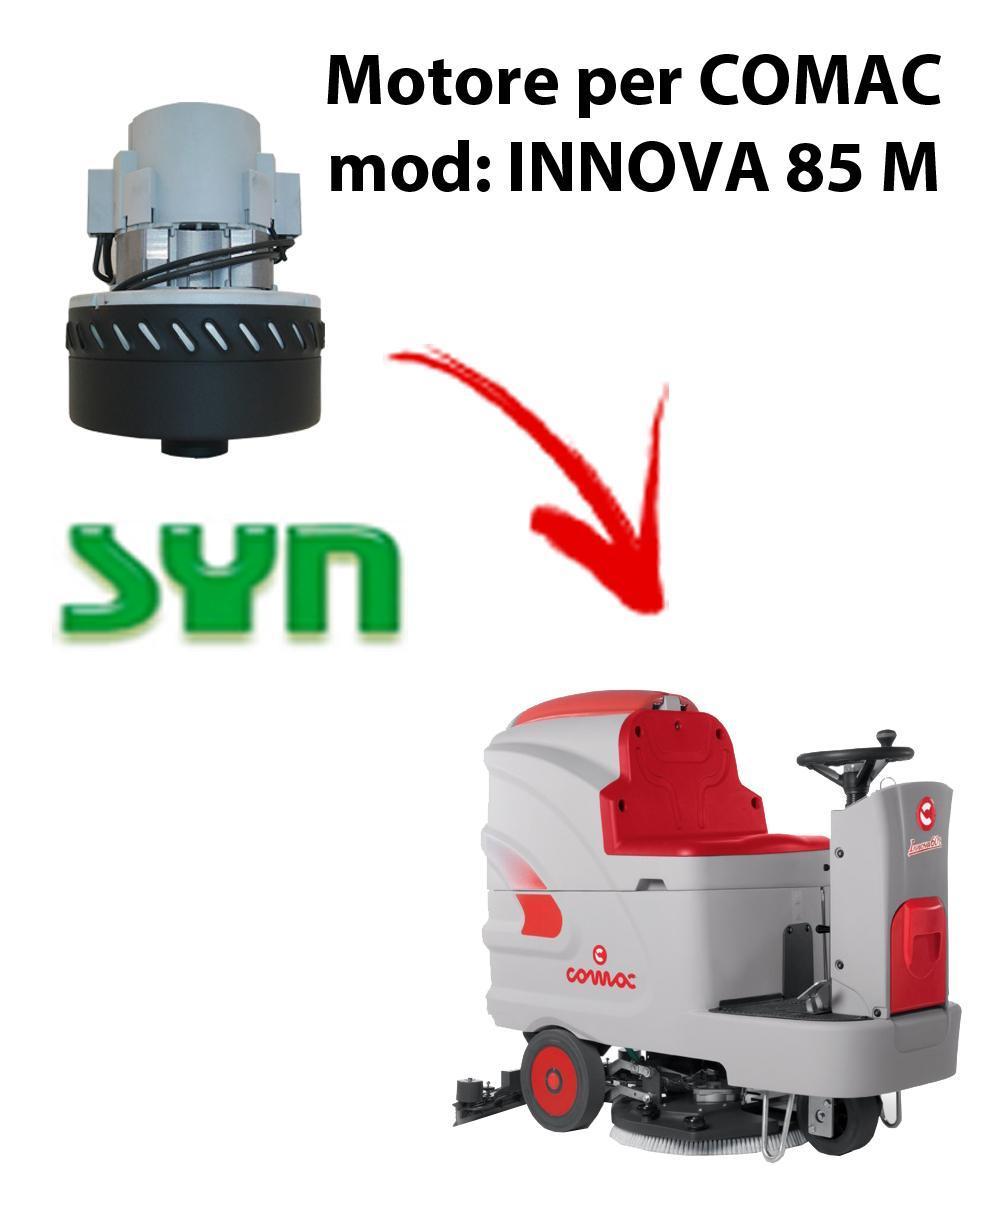 INNOVA 85 M MOTEUR ASPIRATION SYN pour autolaveuses Comac